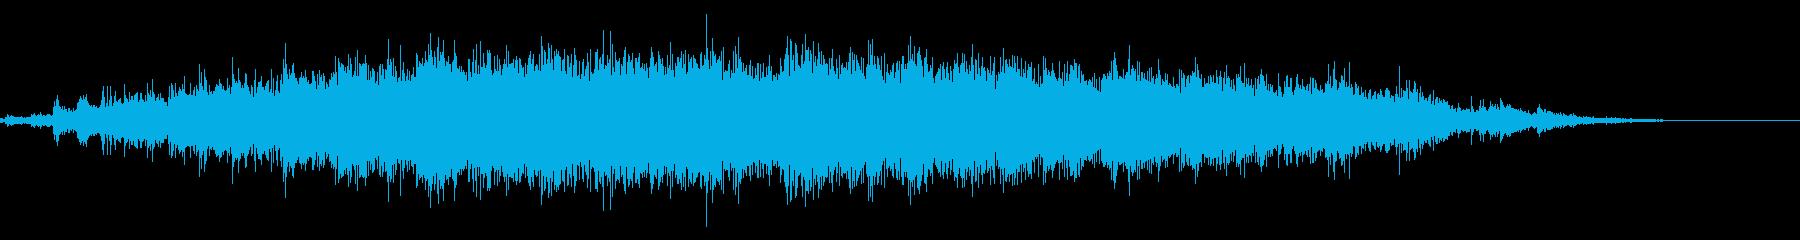 拍手(ステレオ/ライブ/コンサート)07の再生済みの波形